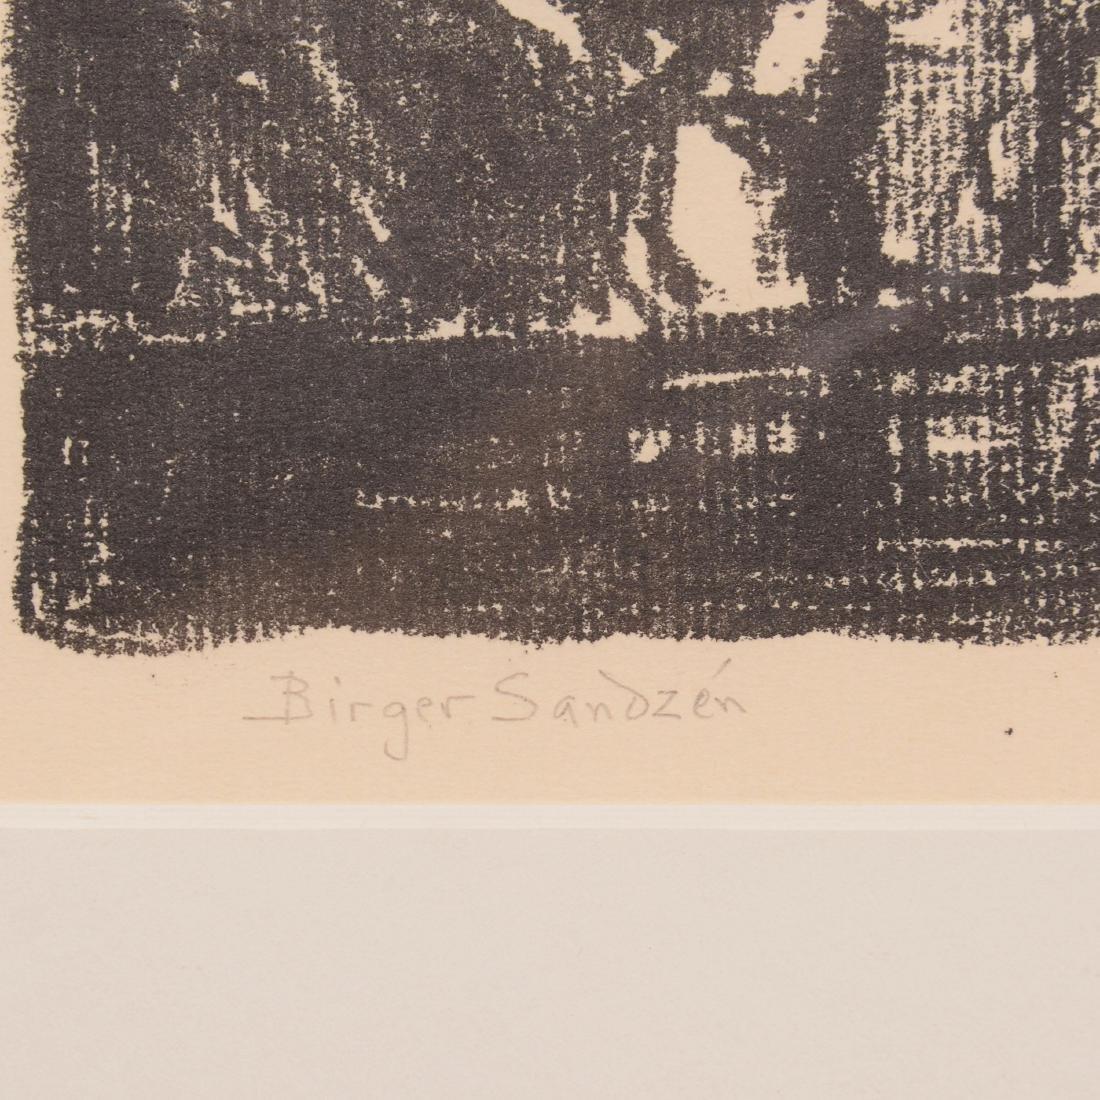 Original Birger Sandzen Lithograph - 3